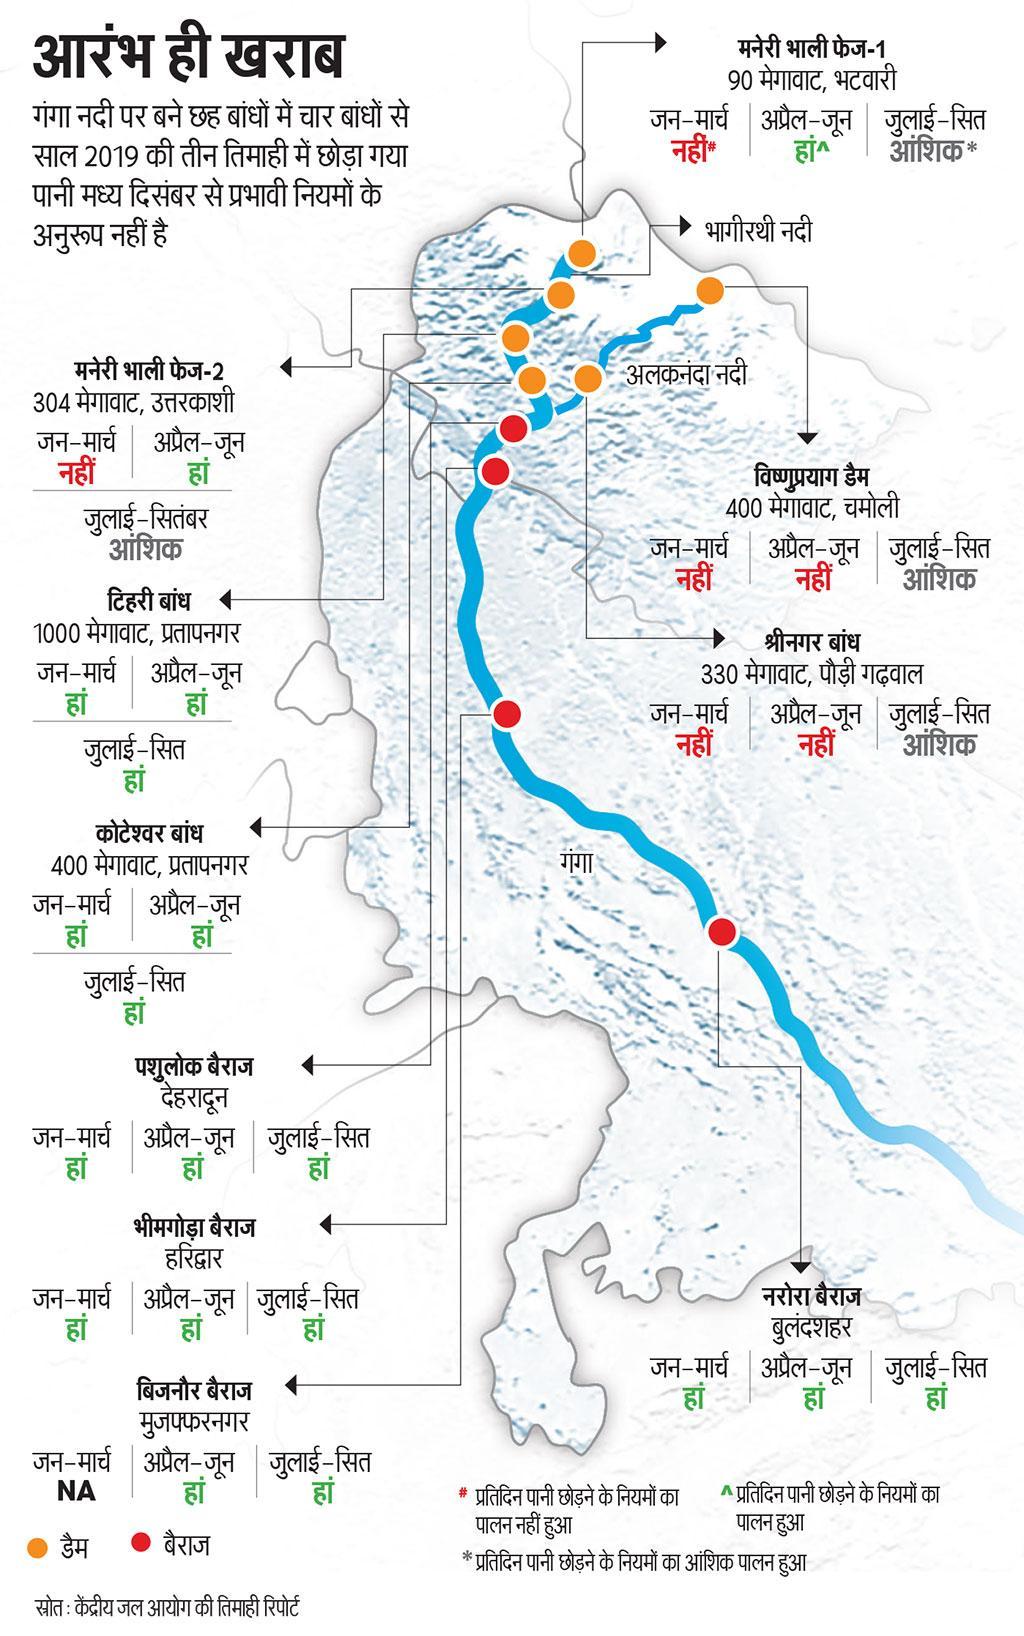 गंगा नदी पर बने छह बांधों में चार बांधों से साल 2019 की तीन तिमाही में छोड़ा गया पानी मध्य दिसंबर से प्रभावी नियमों के अनुरूप नहीं है